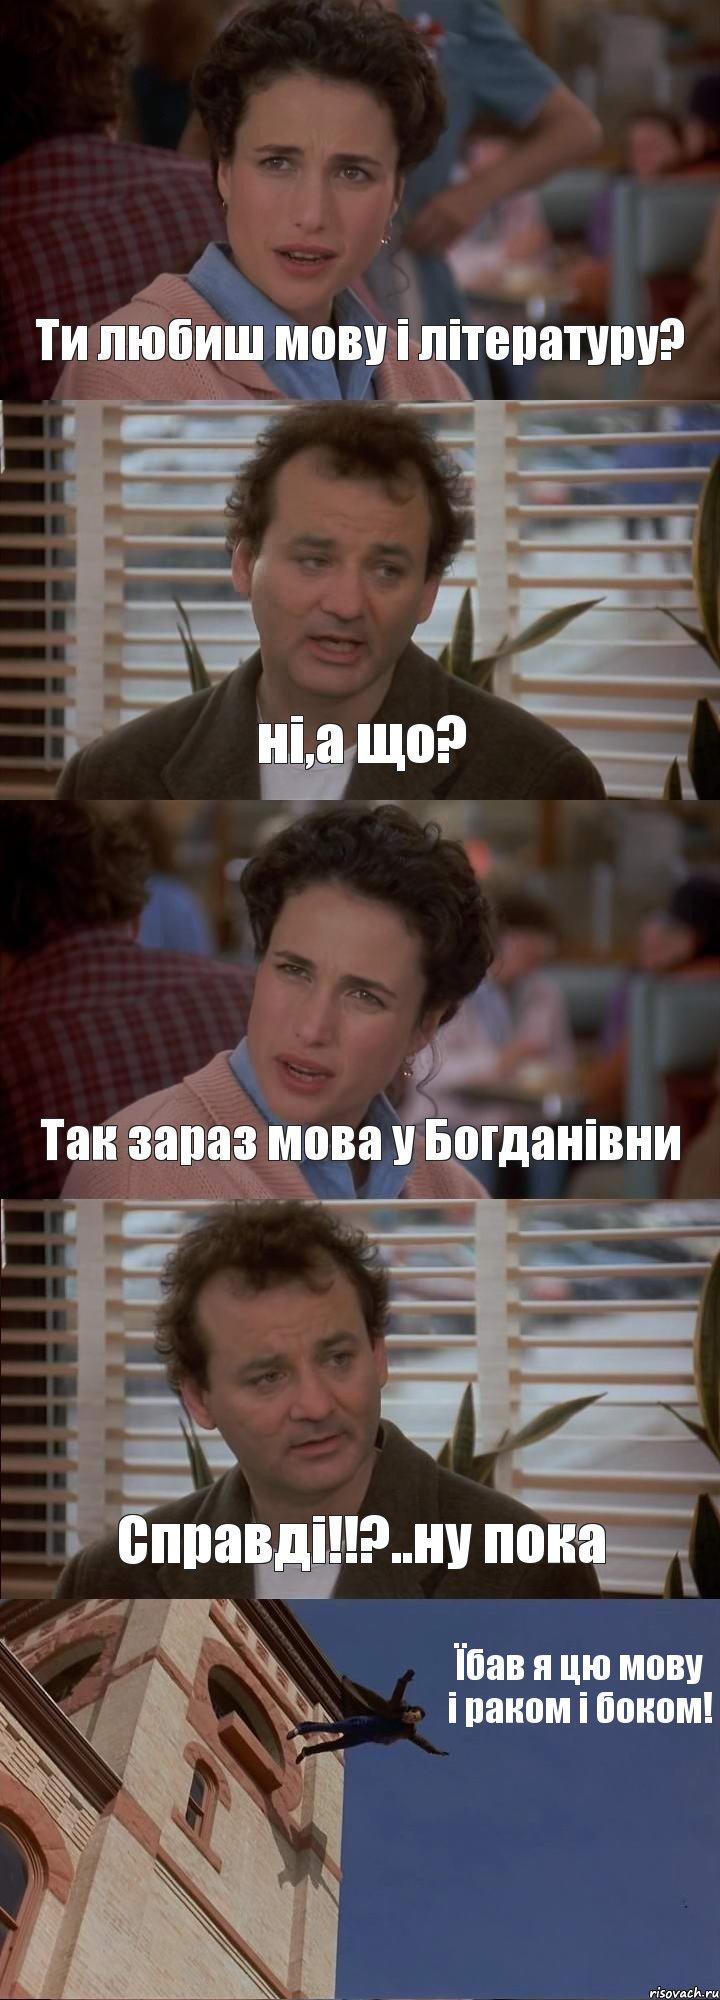 smotret-v-onlayne-kak-konchayut-devushki